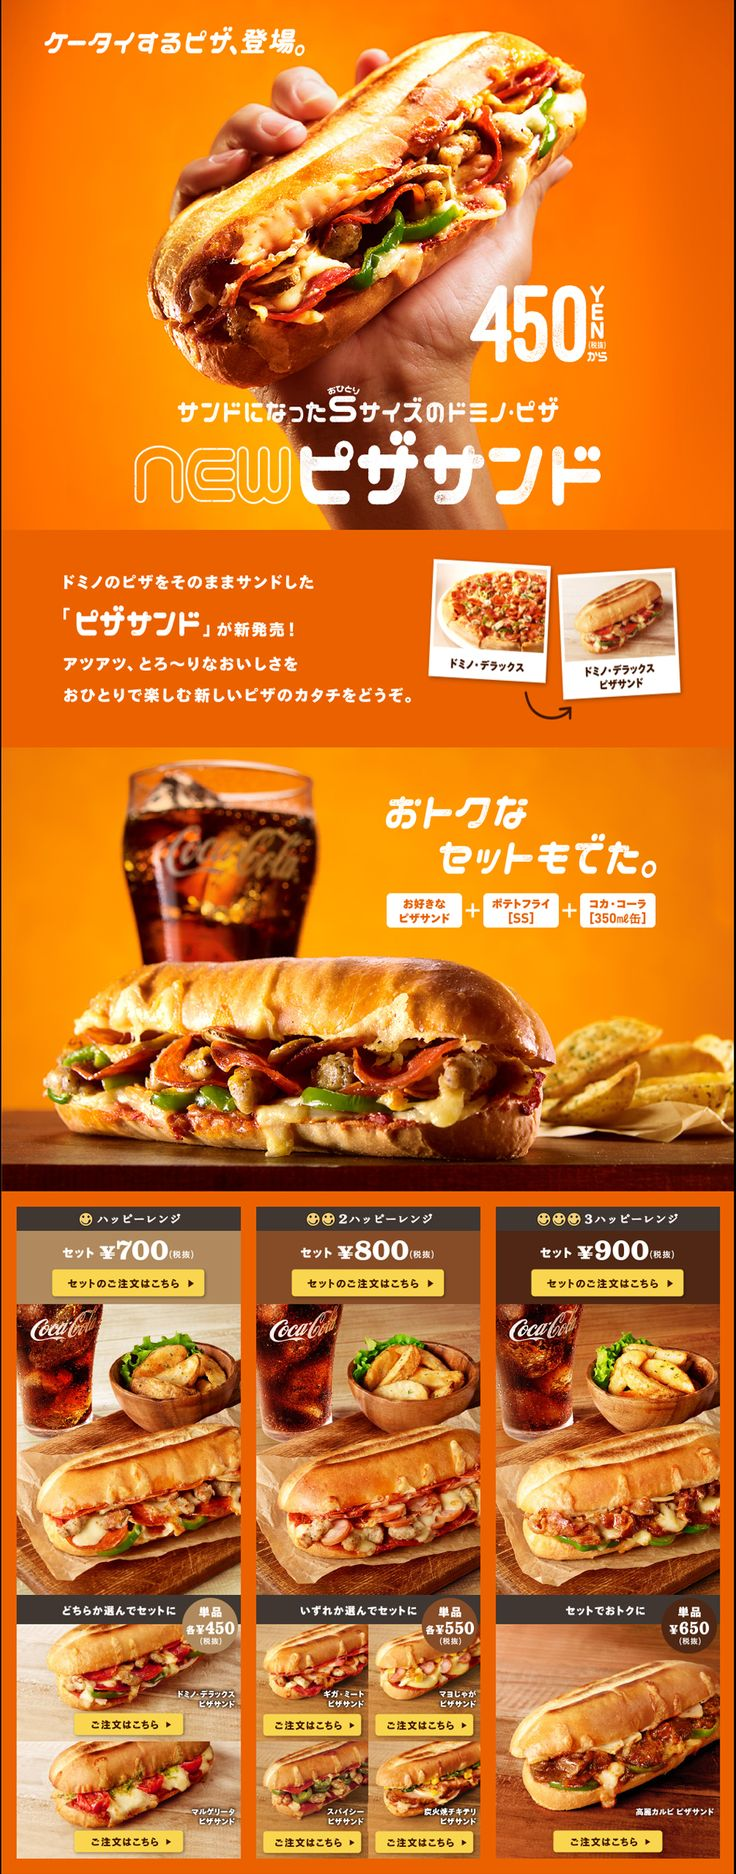 株式会社ドミノ・ピザ+ジャパン様の「ピザサンド」のランディングページ(LP)かわいい系|食品